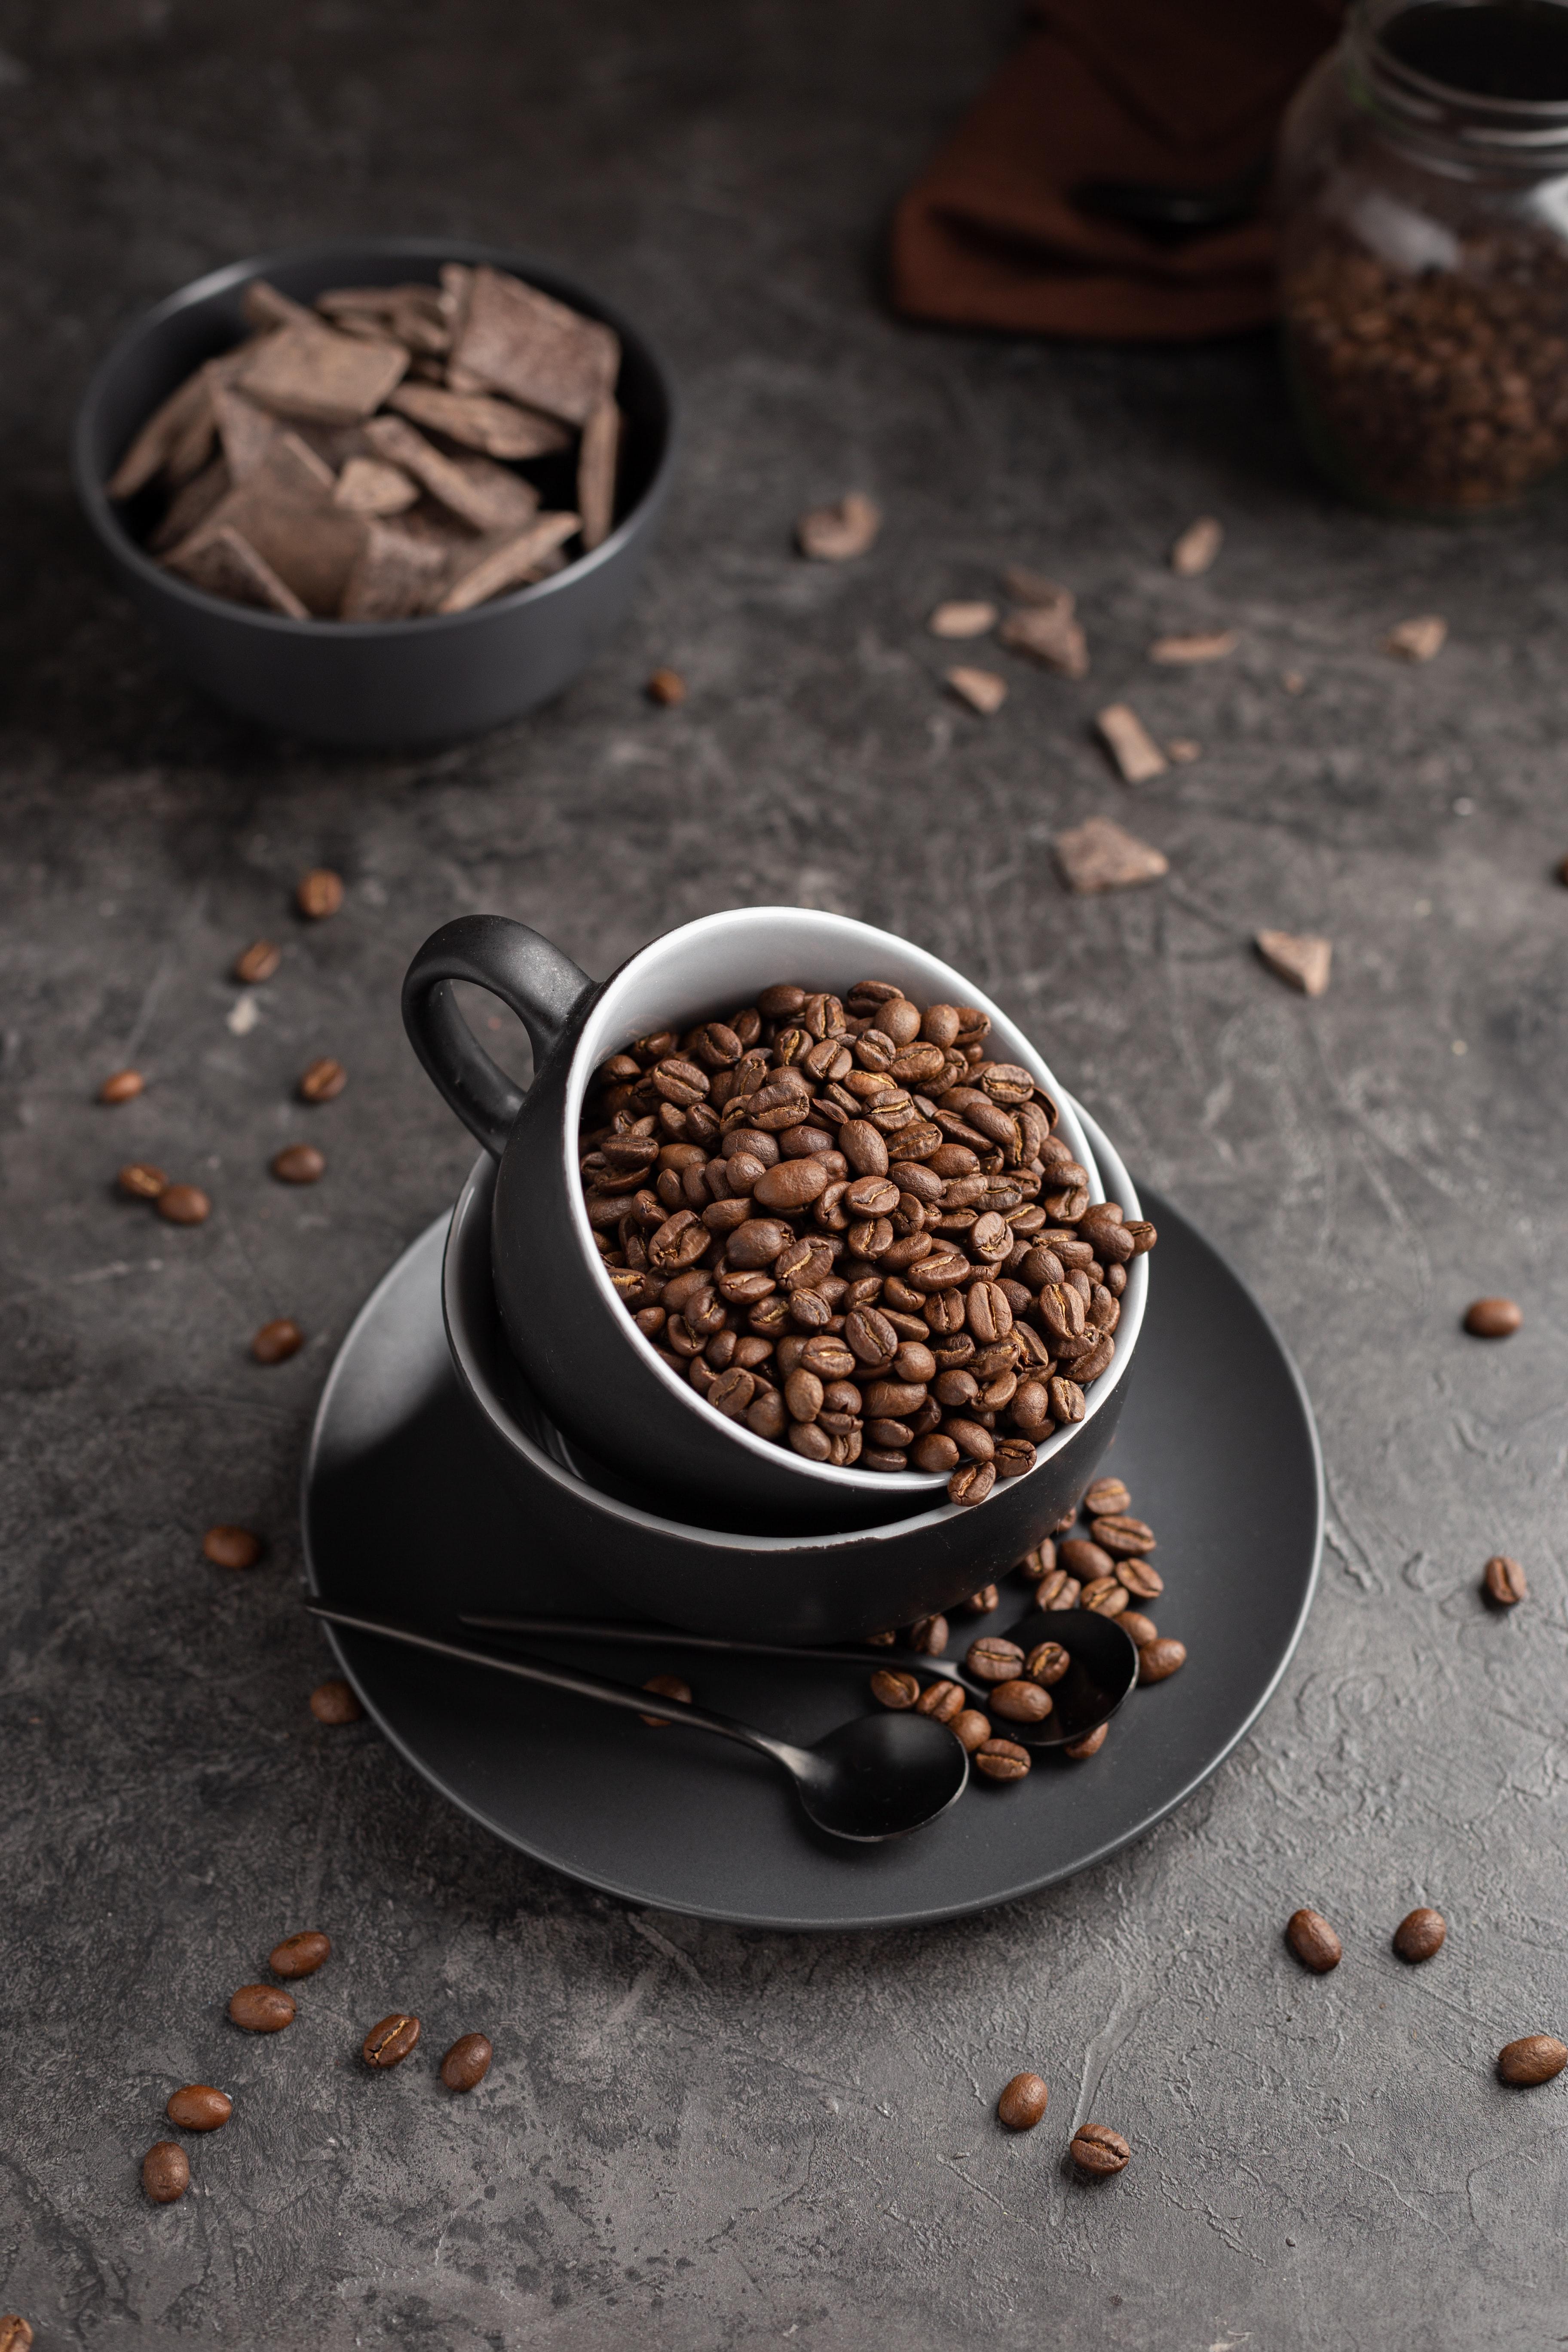 128830 скачать обои Кофе, Еда, Шоколад, Чашка, Кофейные Зерна - заставки и картинки бесплатно